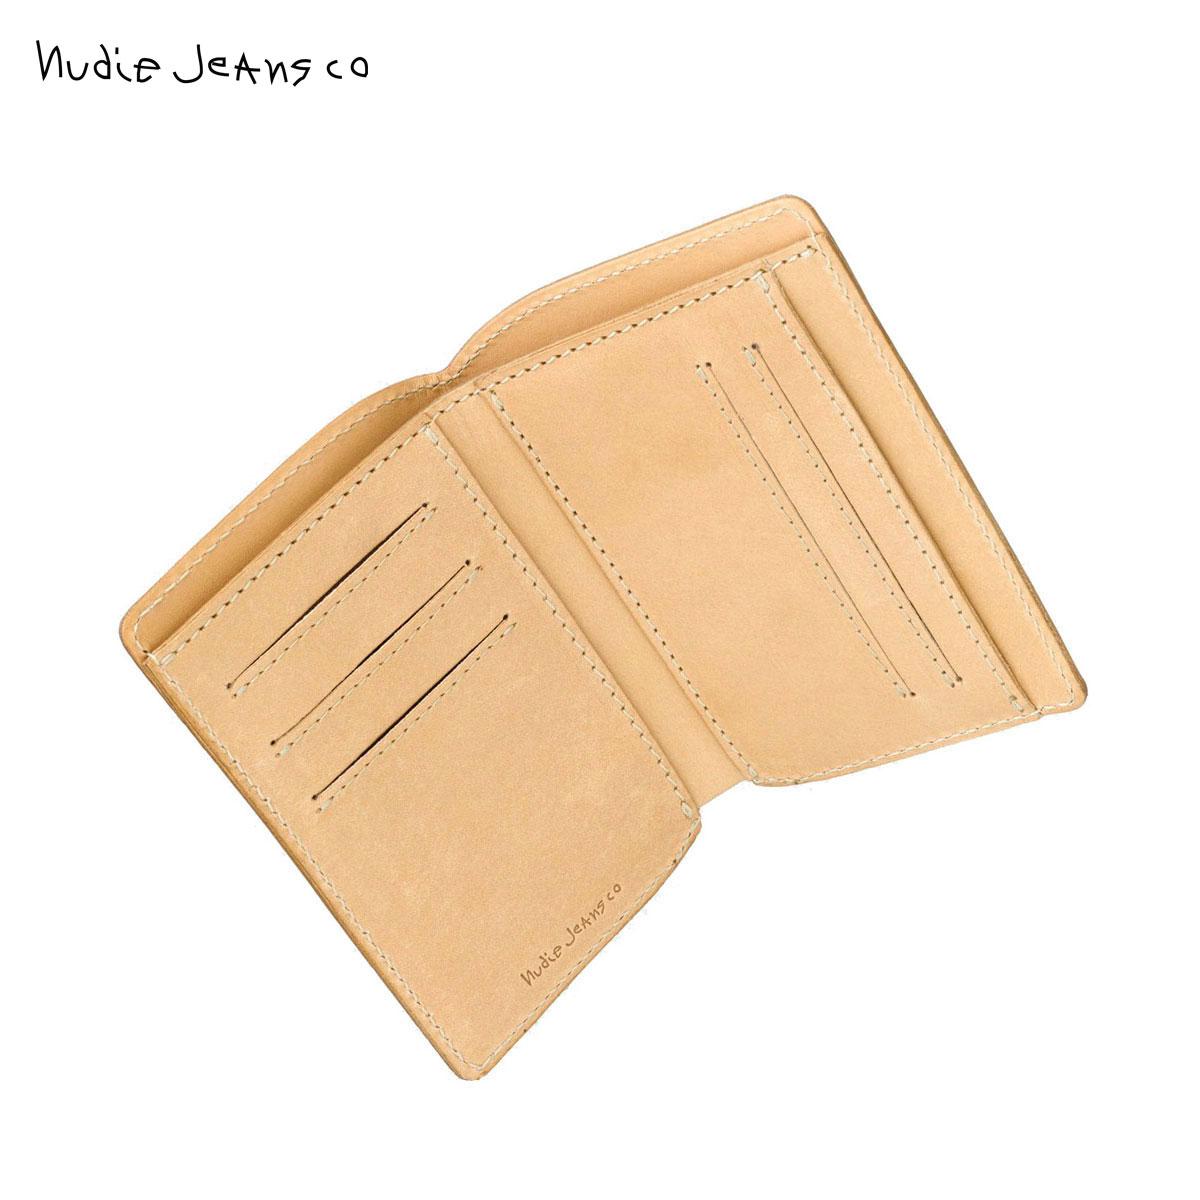 ヌーディージーンズ 財布 正規販売店 Nudie Jeans ウォレット 二つ折り 小銭入れあり MARK WALLET SADDLE LEATHER NATURAL B12 180909 父の日